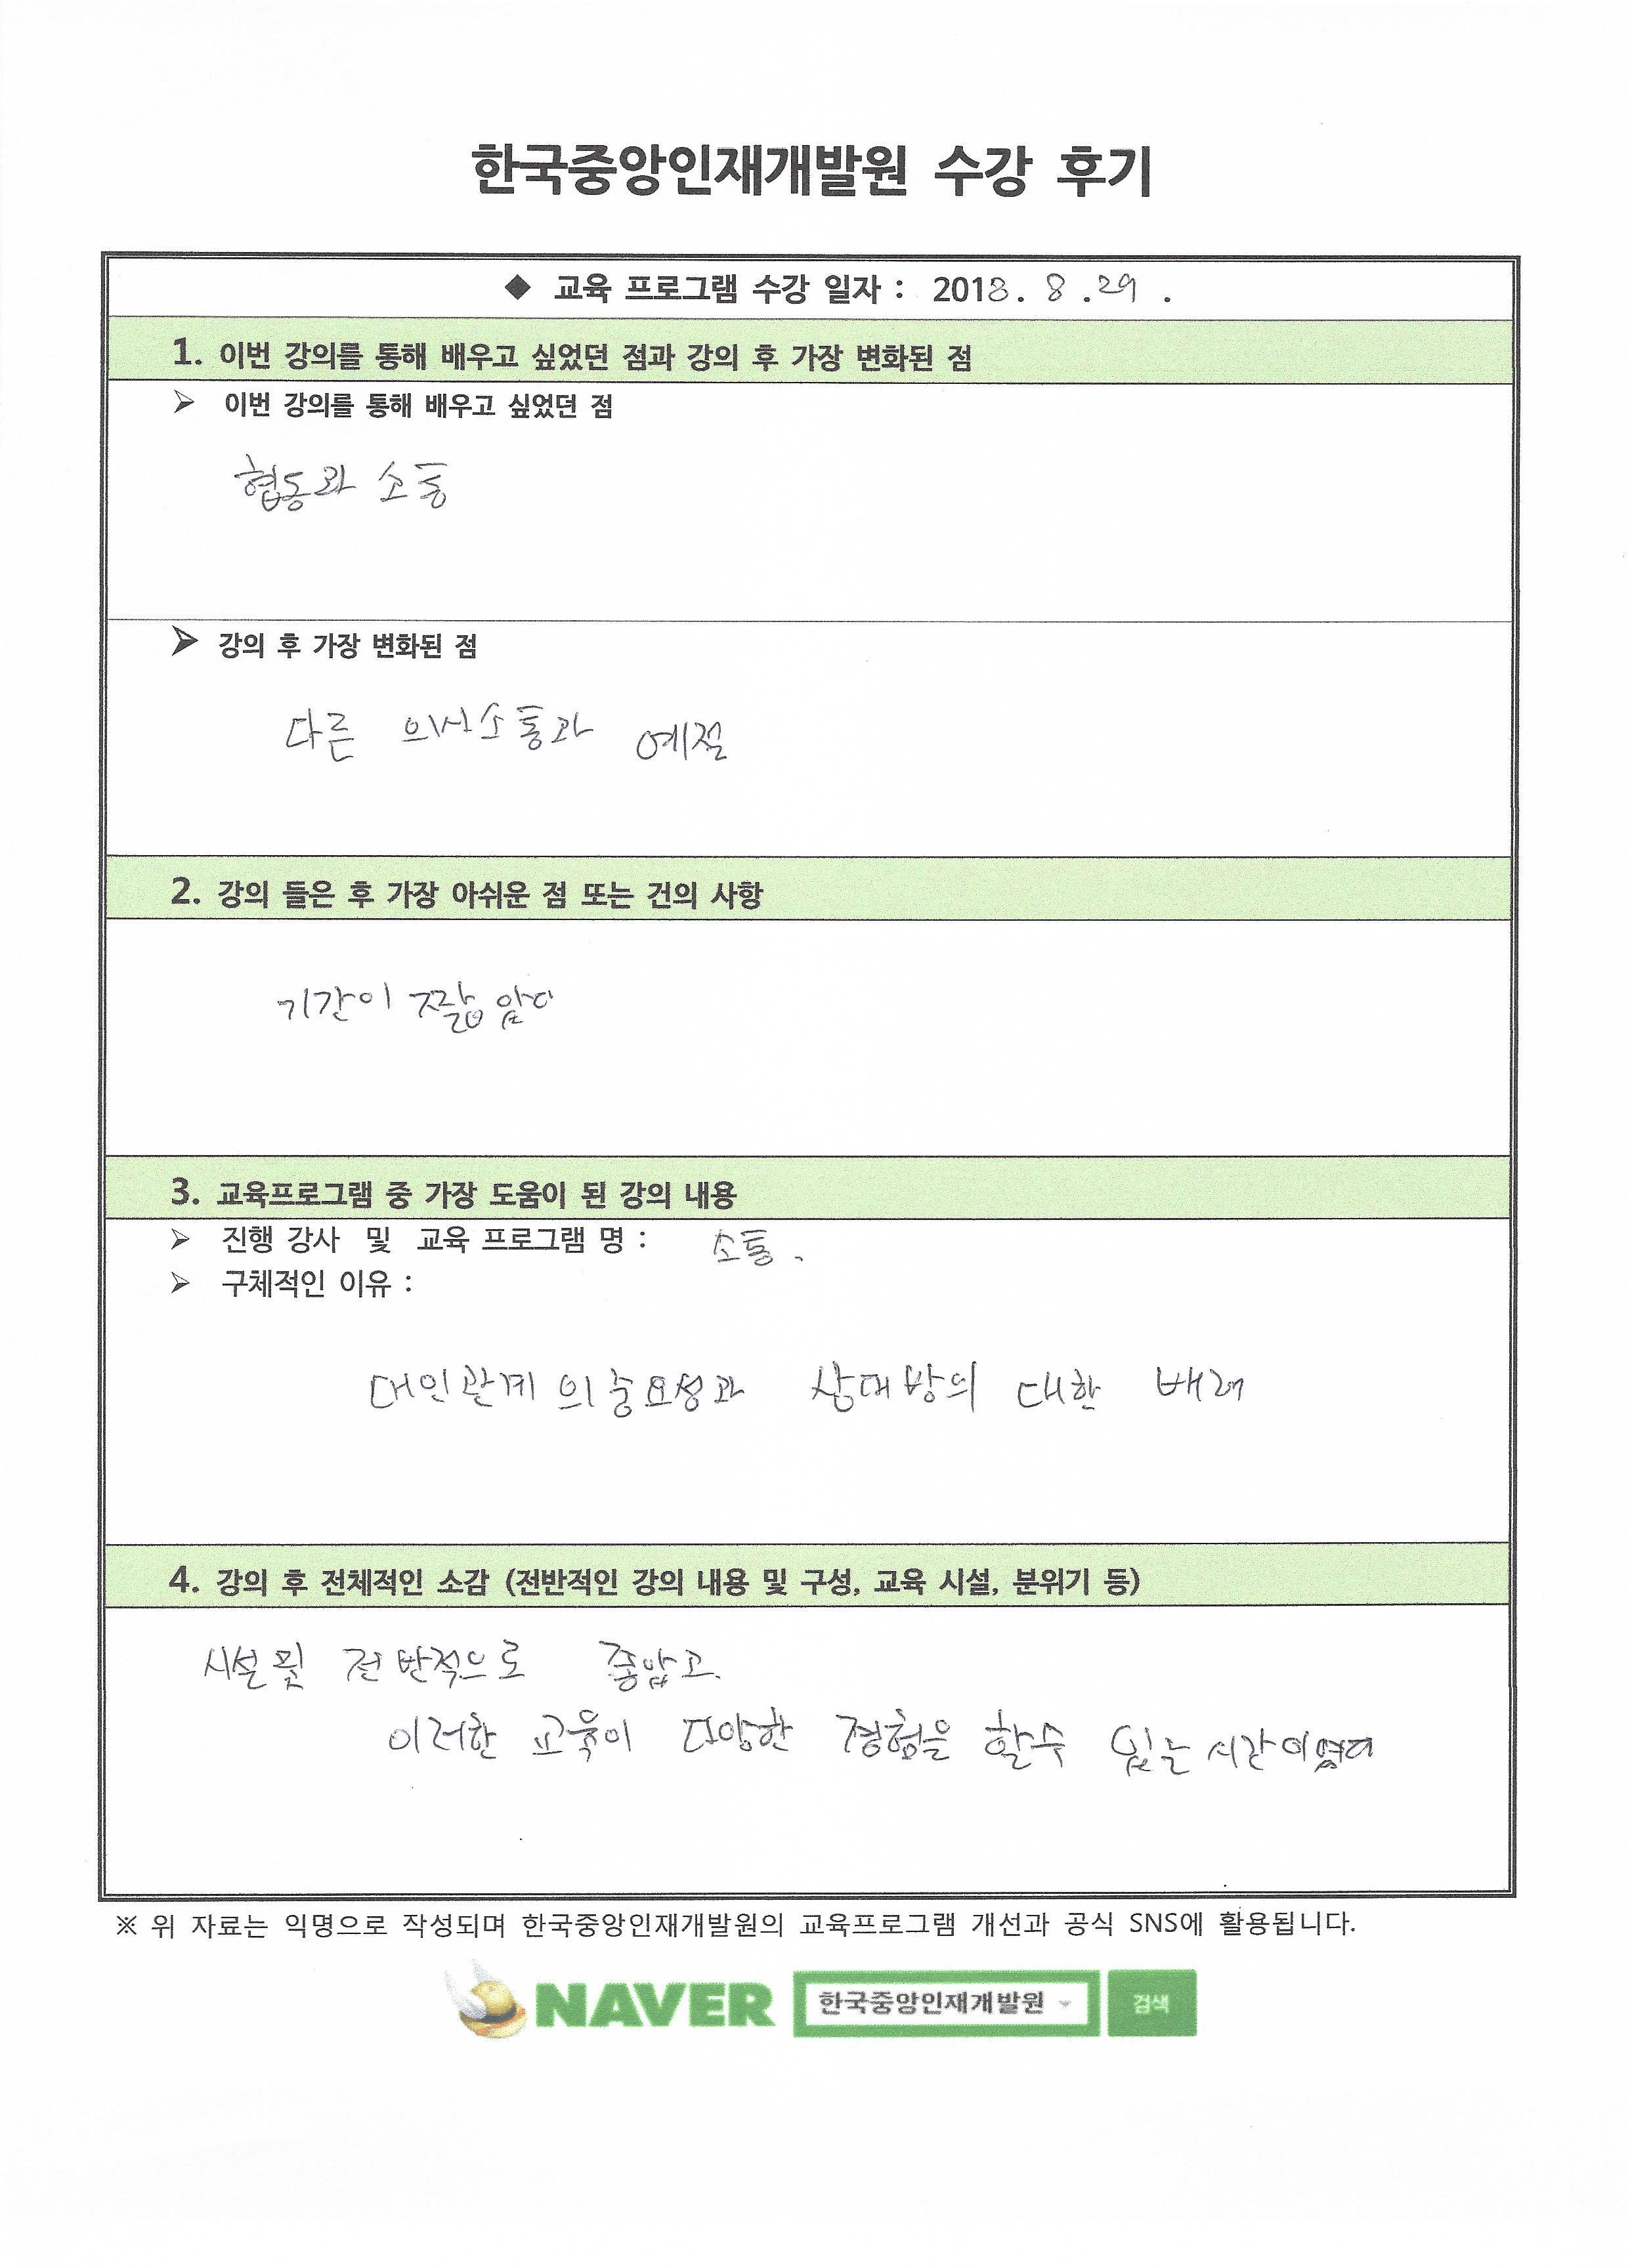 한국팜비오 후기-5 사본.JPG